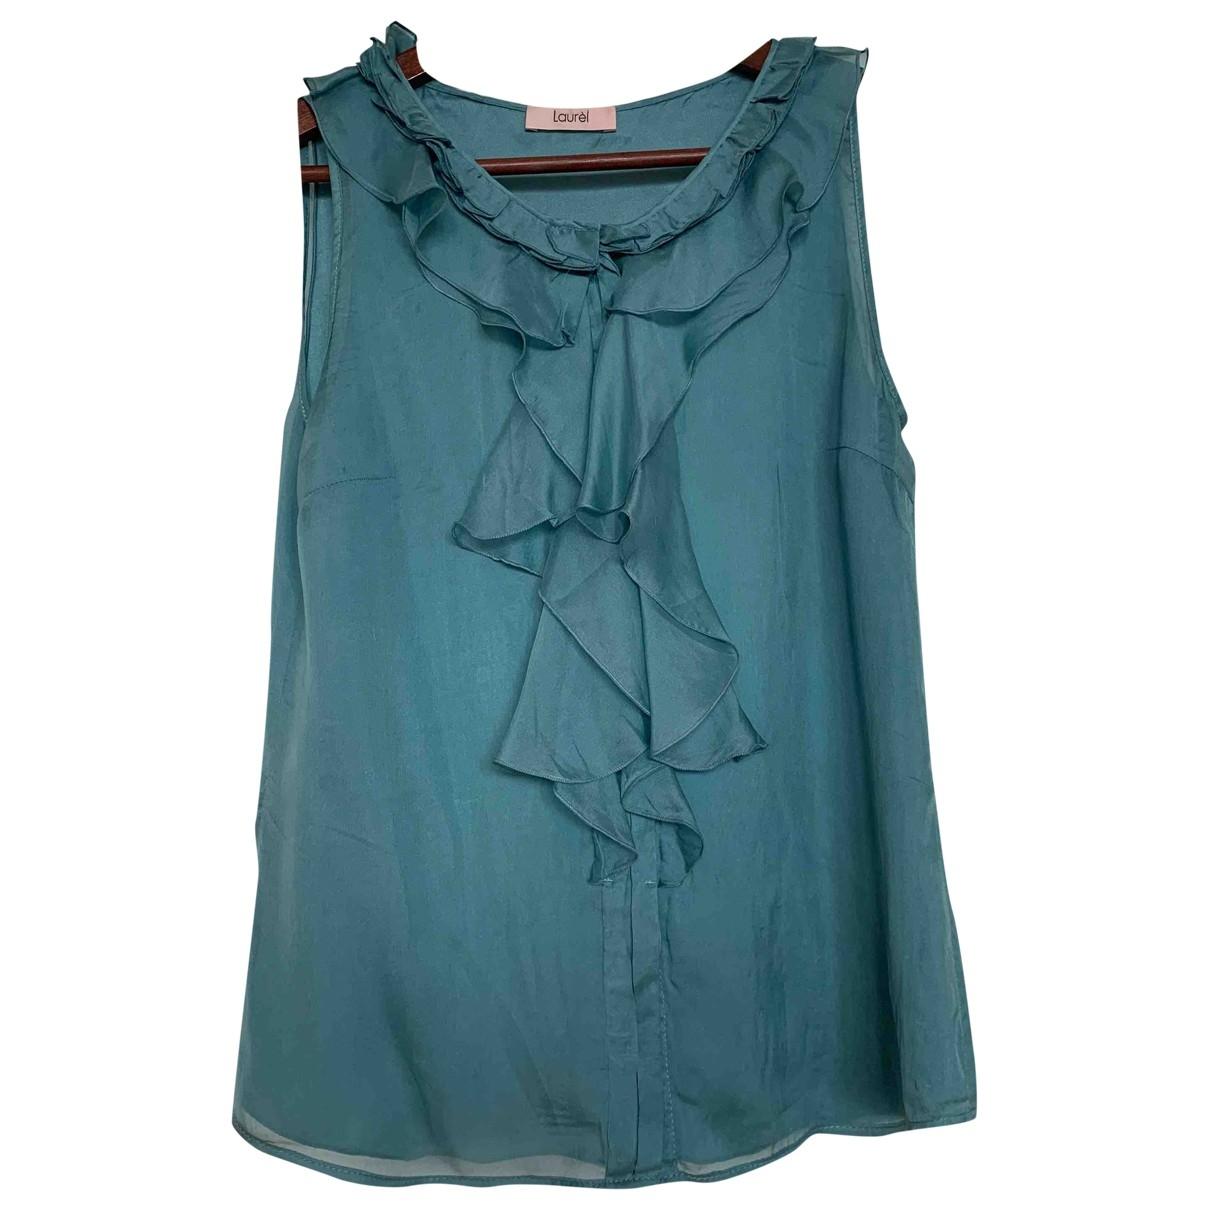 Laurel - Top   pour femme en soie - bleu